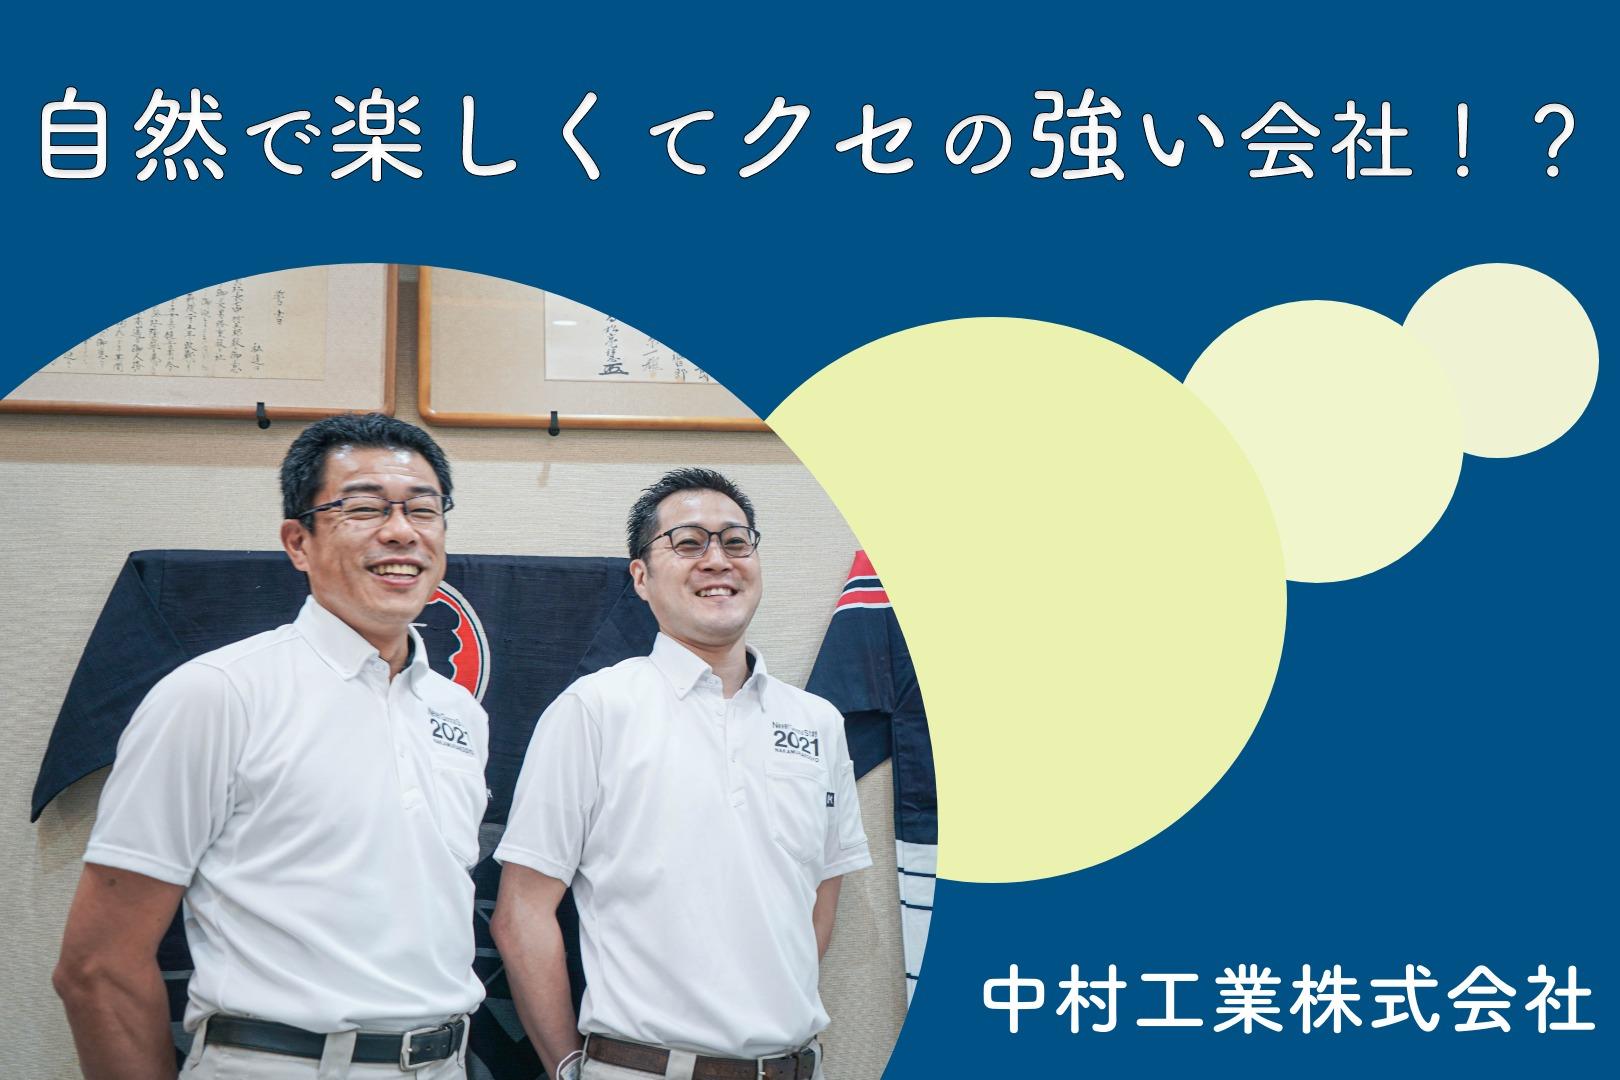 中村工業株式会社 福岡 就活2